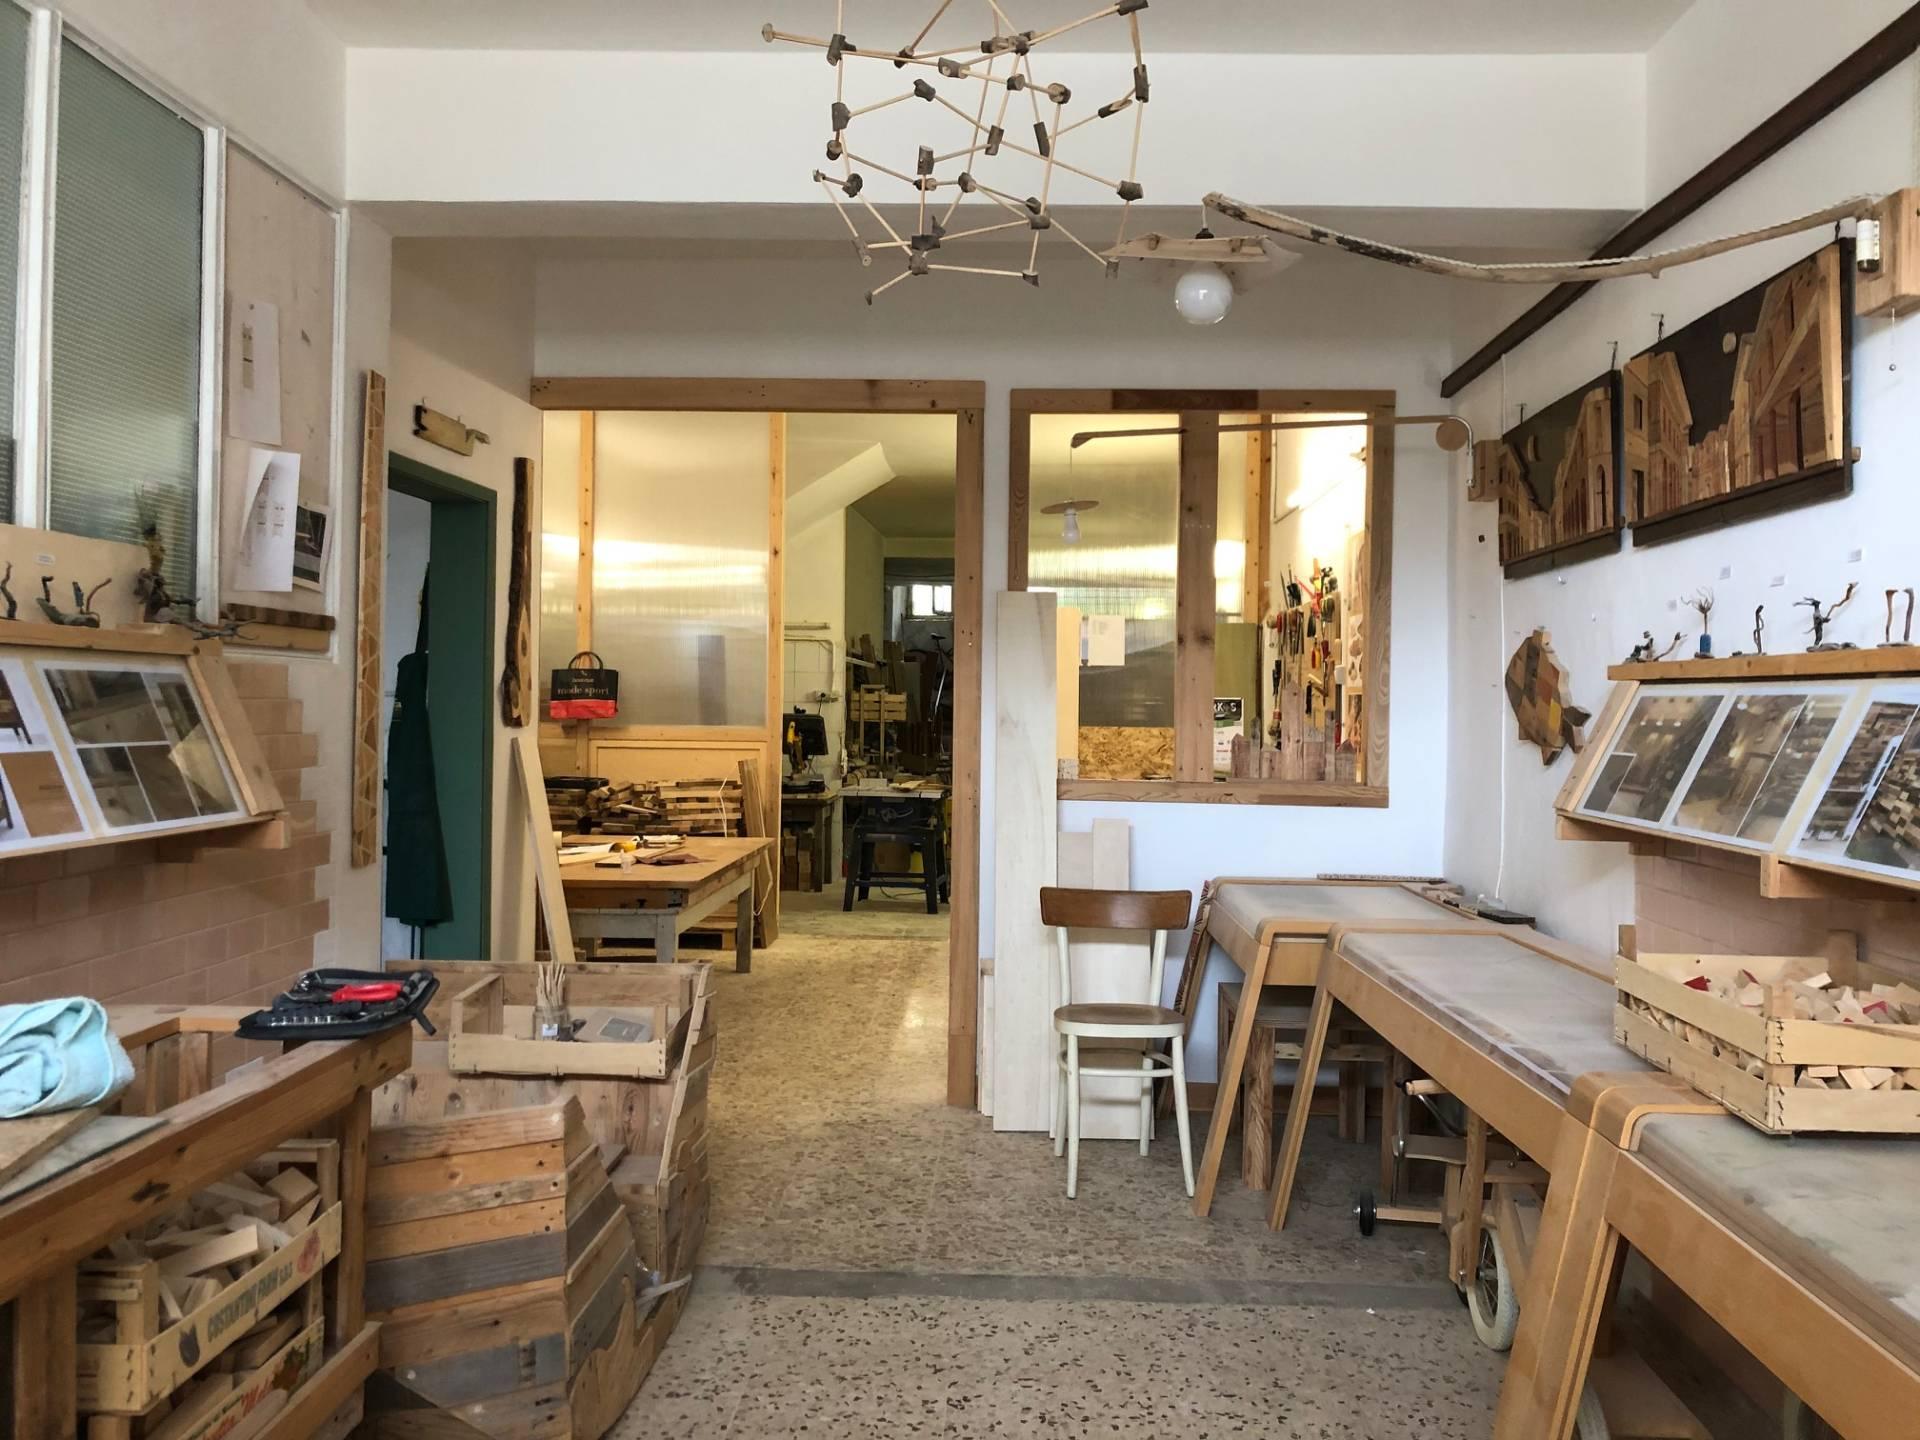 Negozio / Locale in vendita a Montemarciano, 9999 locali, prezzo € 40.000 | CambioCasa.it